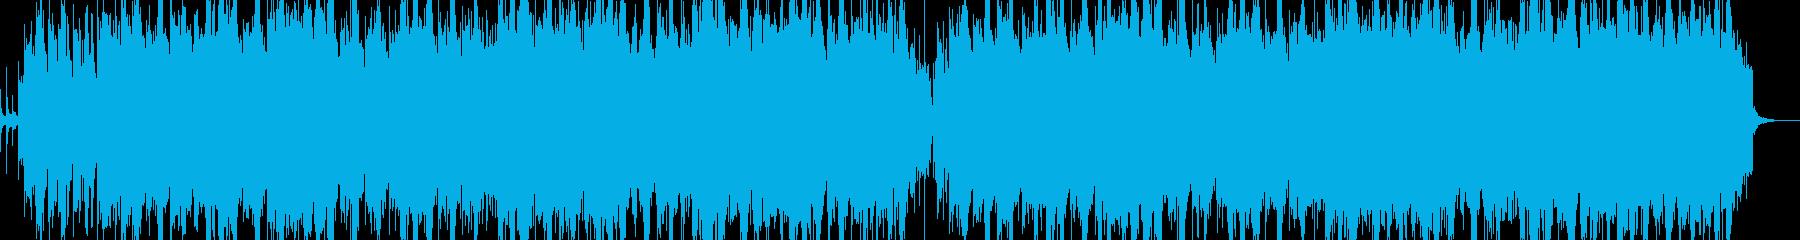 トロンボーンを用いたマーチングの再生済みの波形